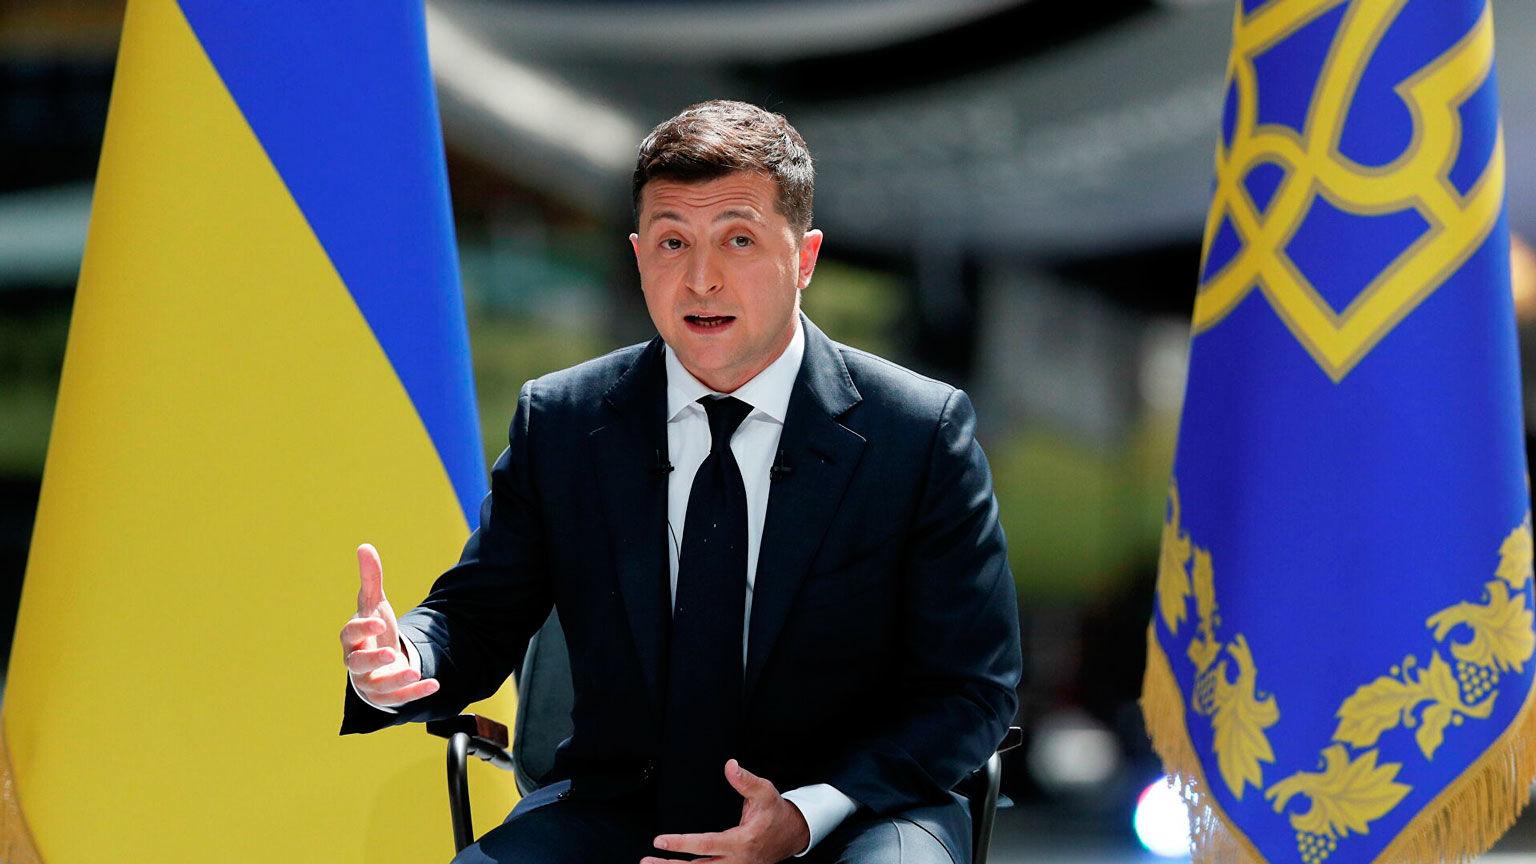 Зеленский объяснил, почему Тимошенко и Гройсман не вернутся больше к власти